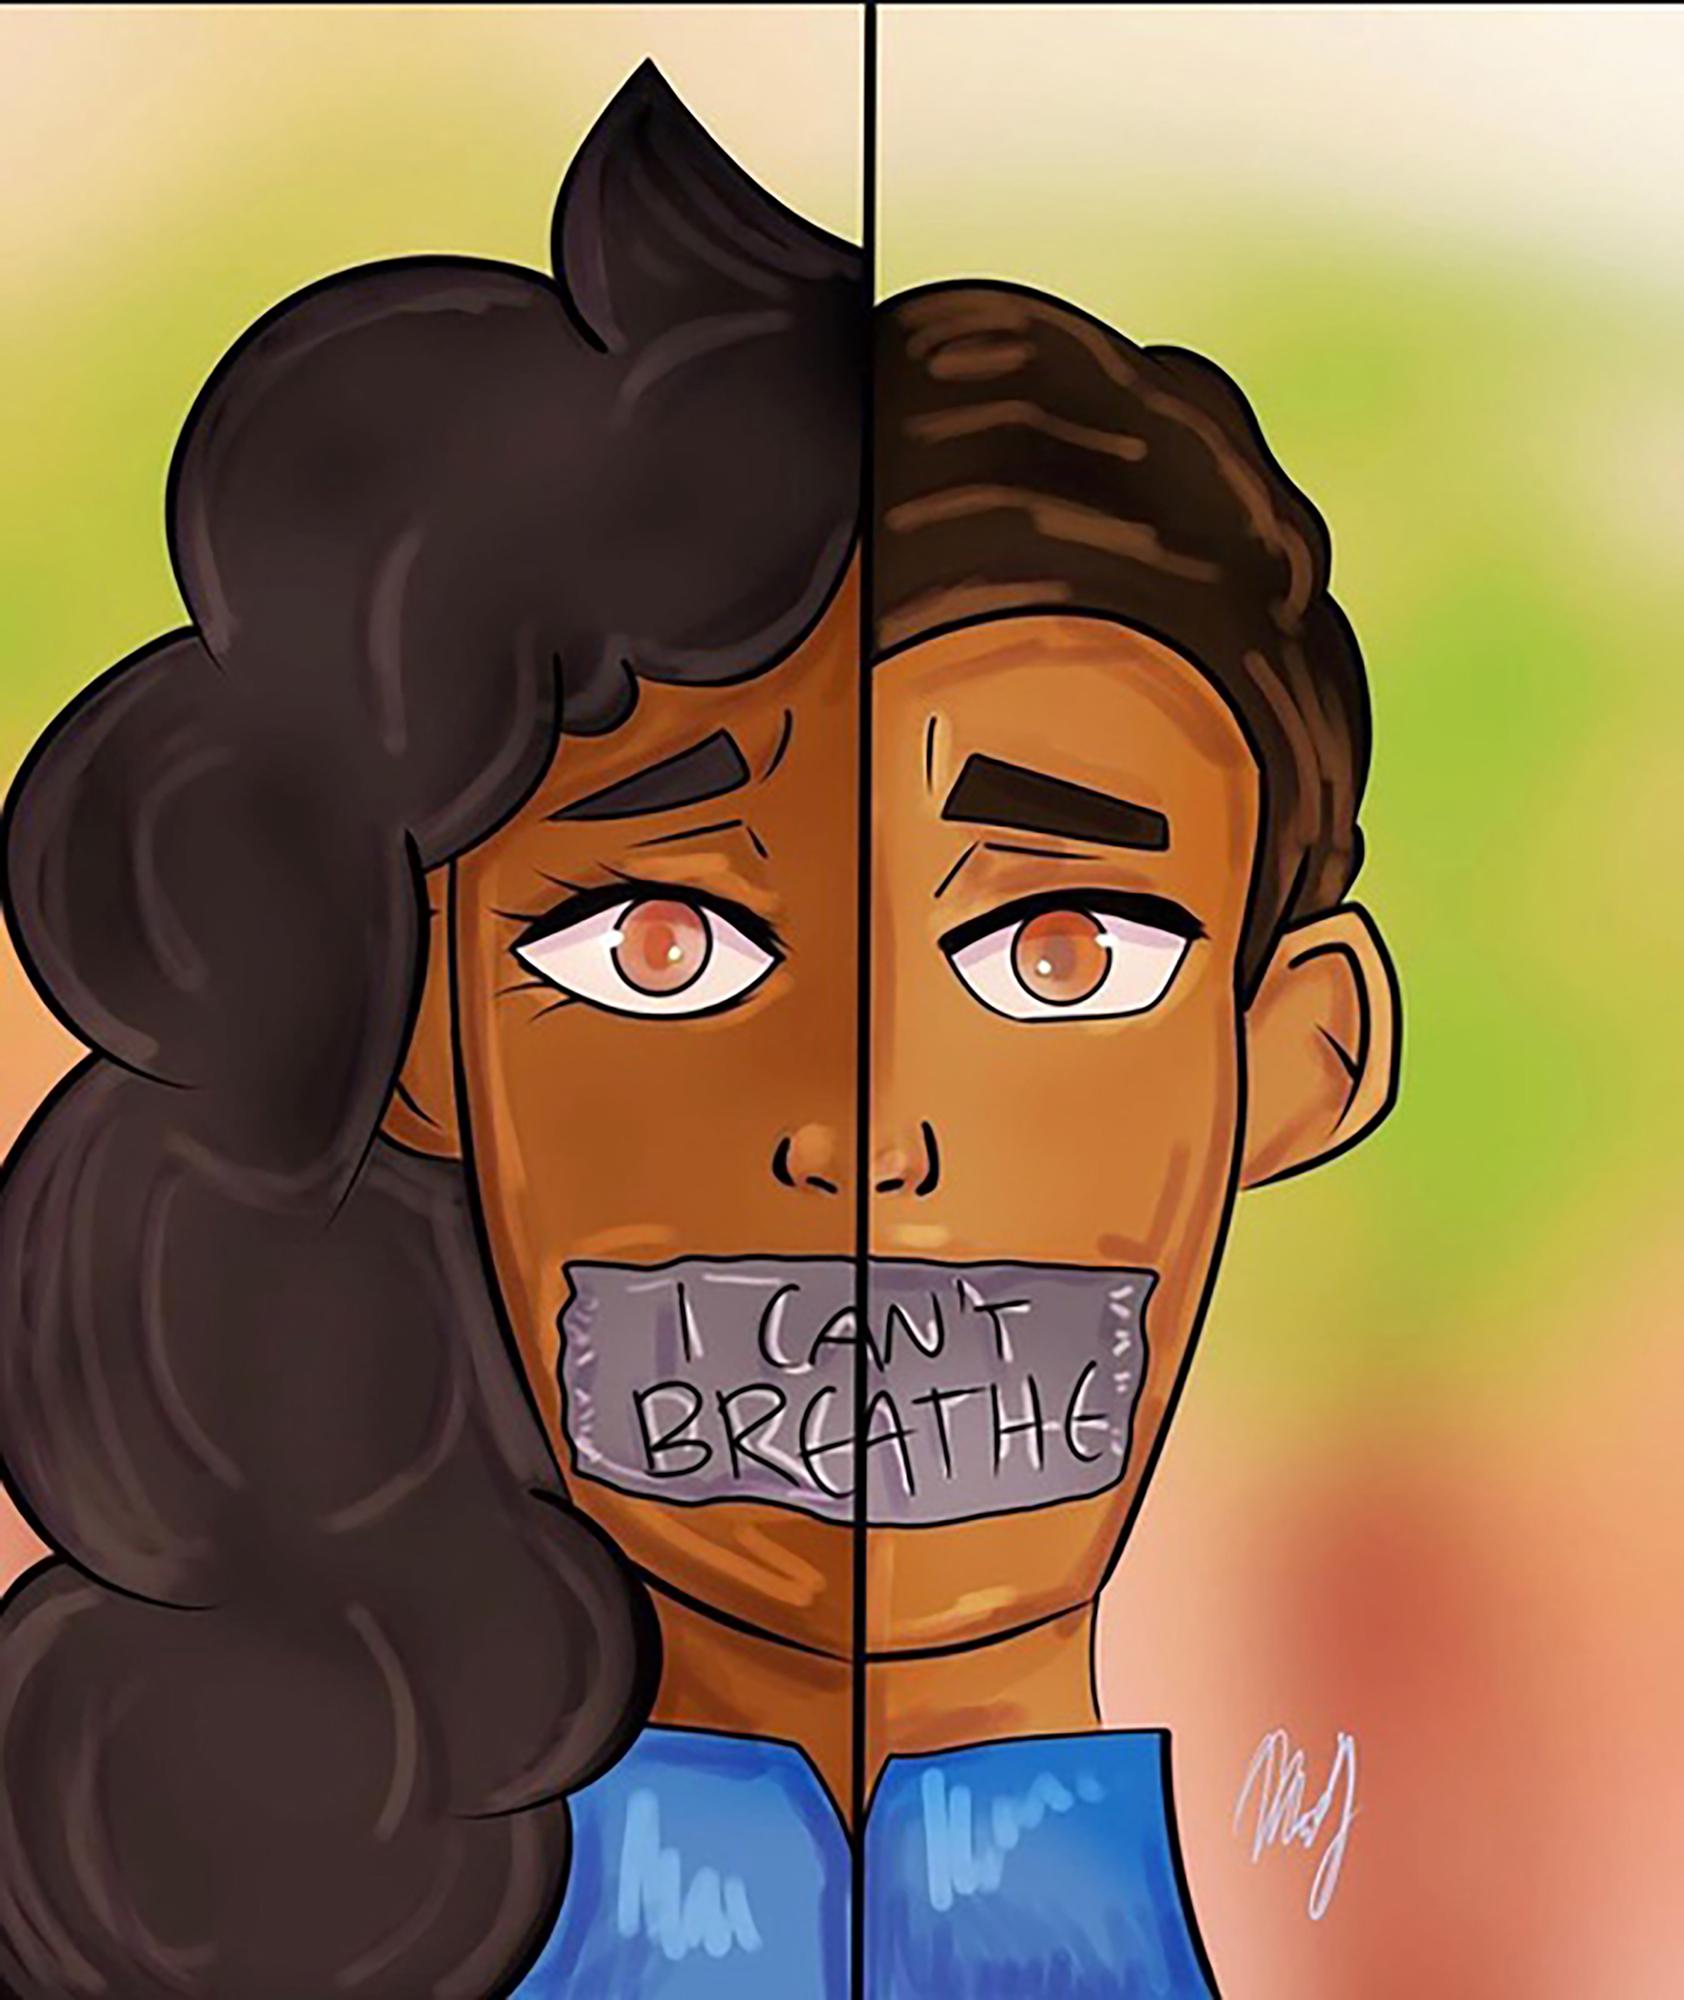 VIR Nayeli J 14 Black Lives Matter digital illustration